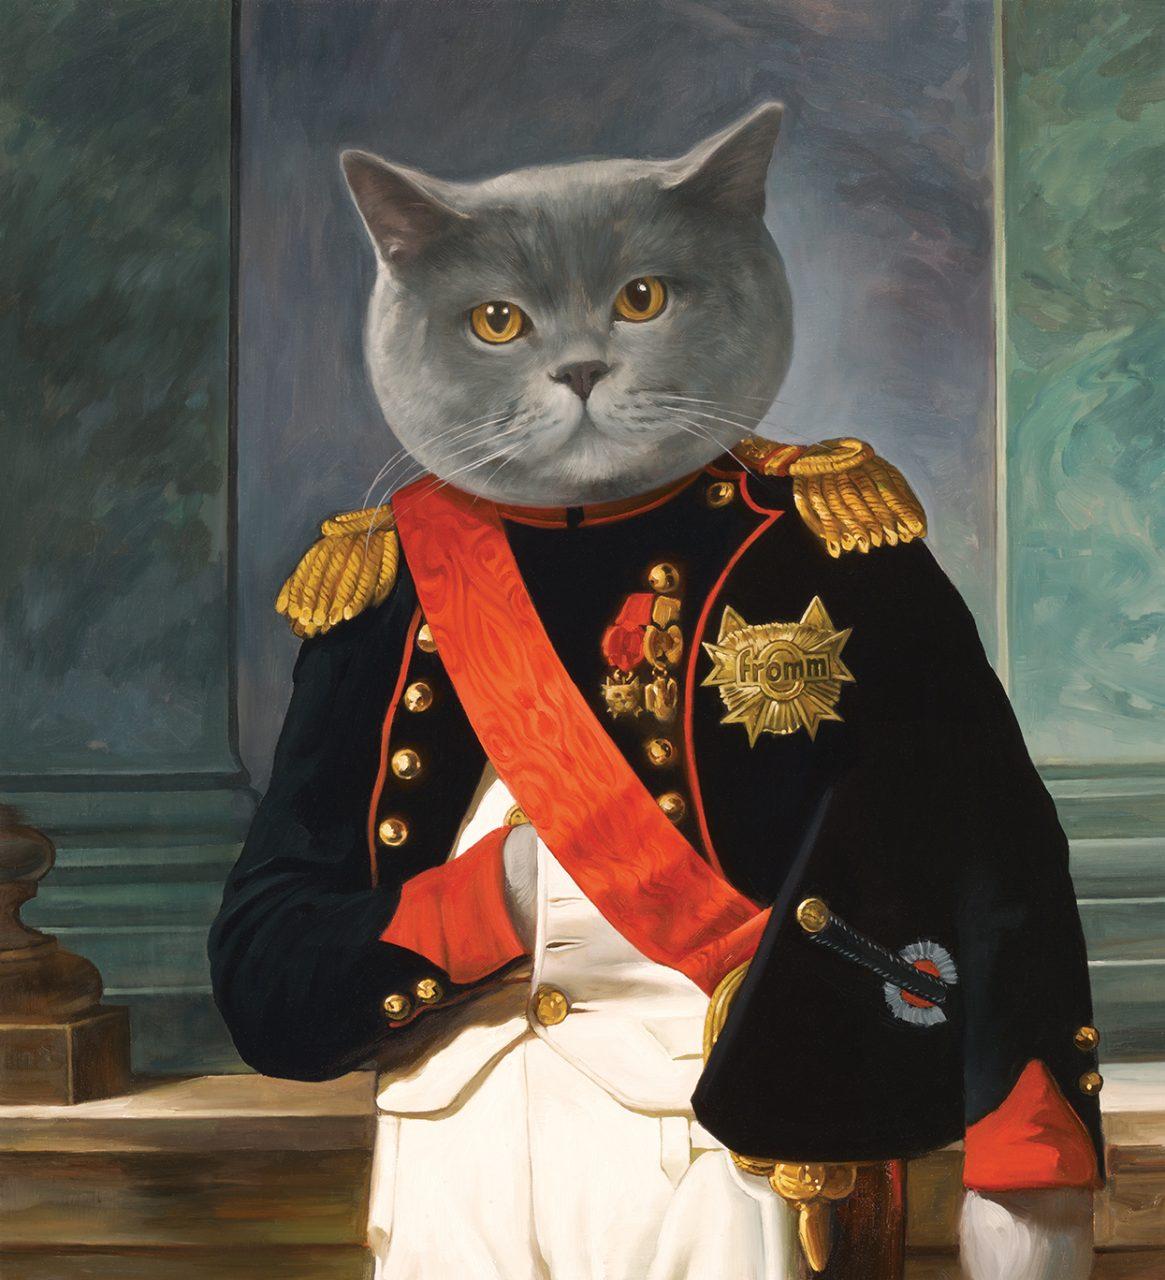 Napoleon Cat, Fromm Gourmet Cat Food